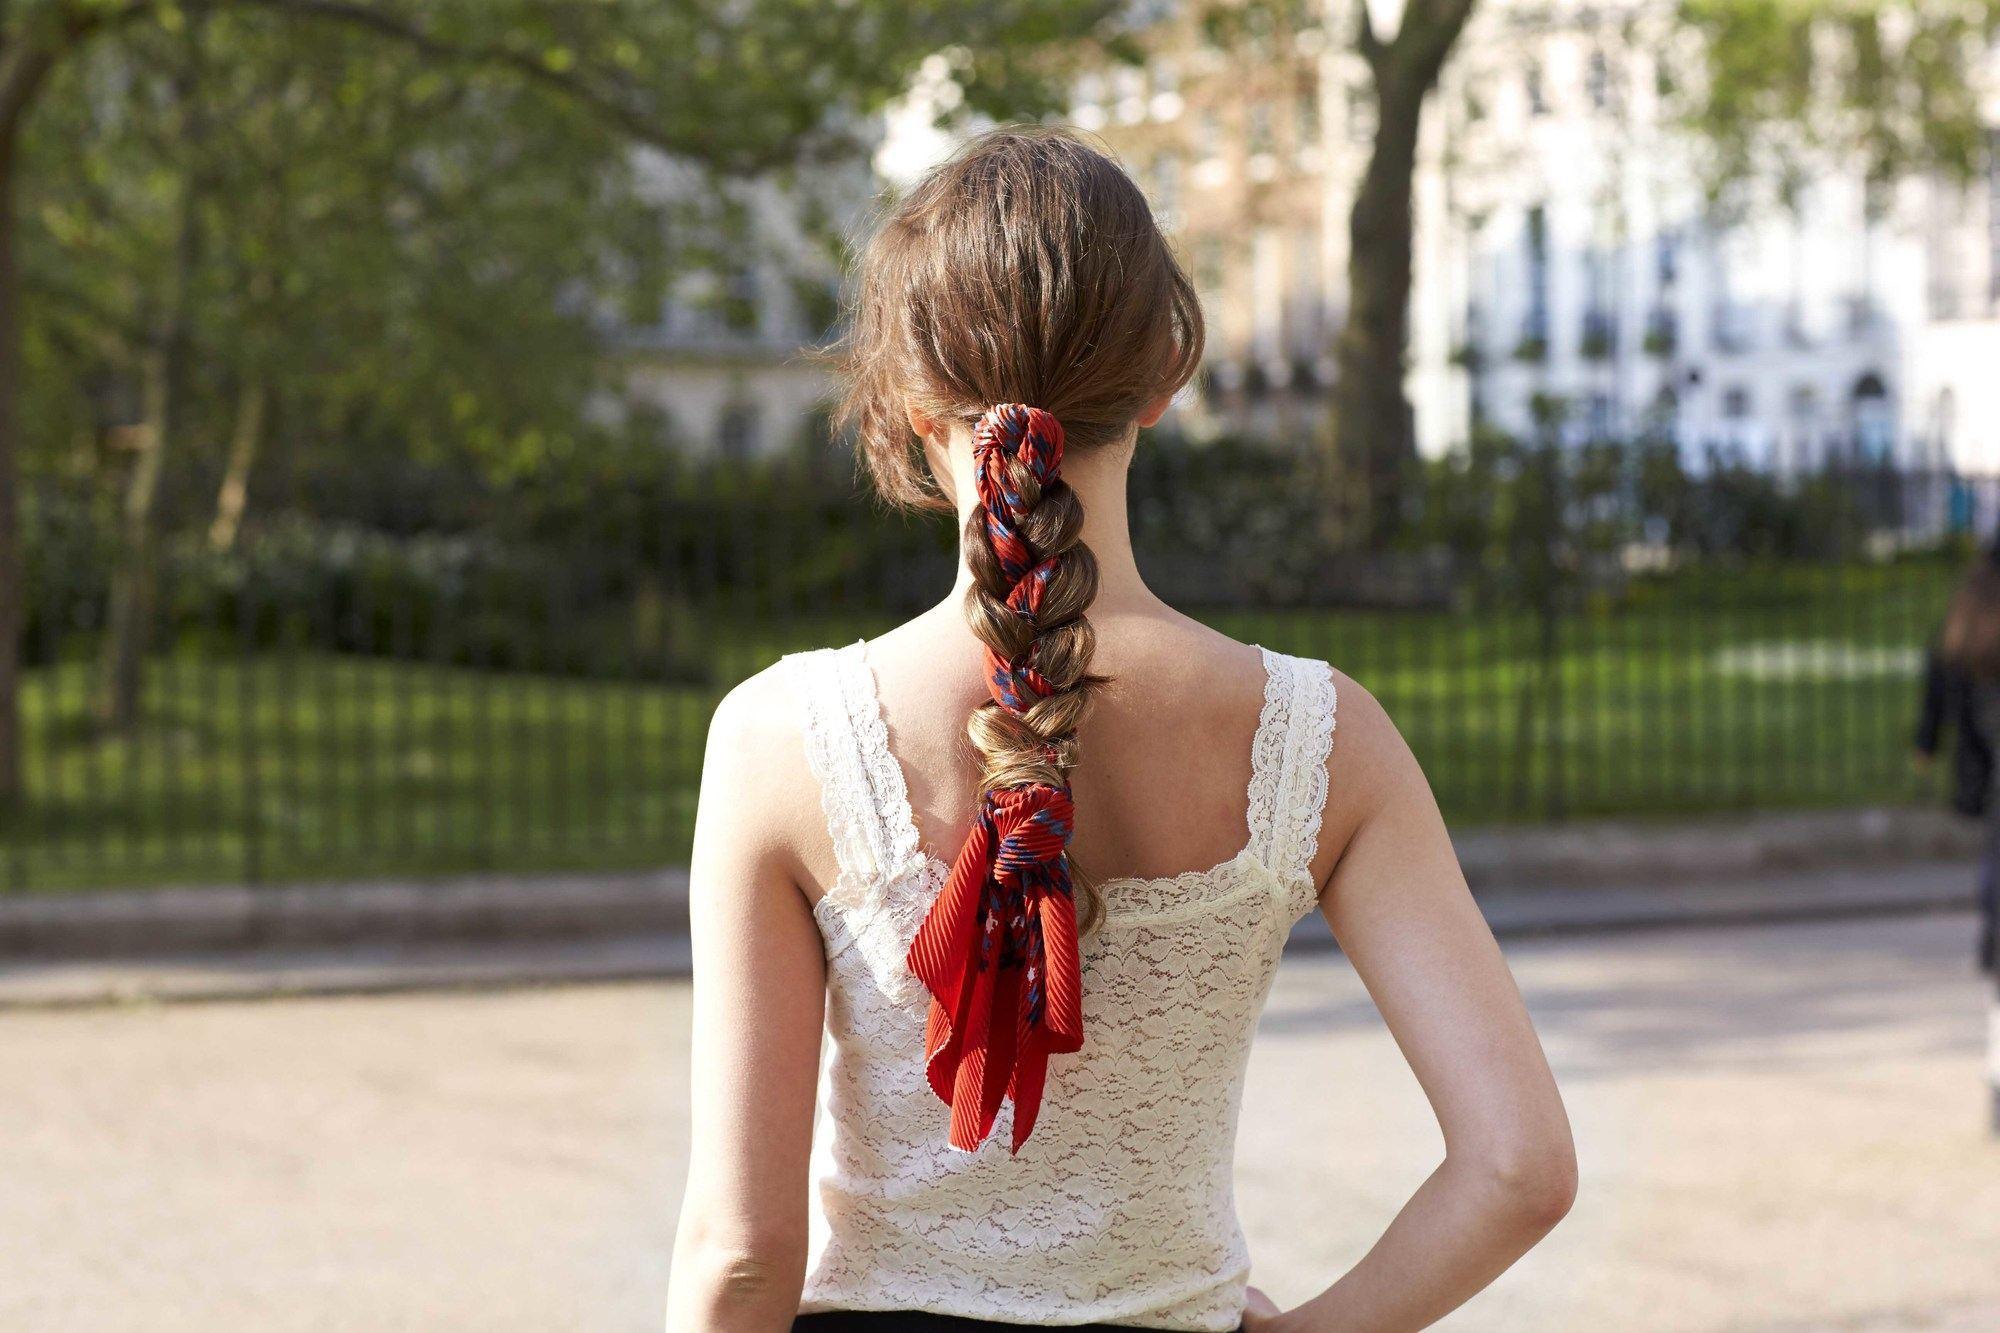 Cute Braid Styles: 10 Super Pretty Pinterest-Worthy Ideas